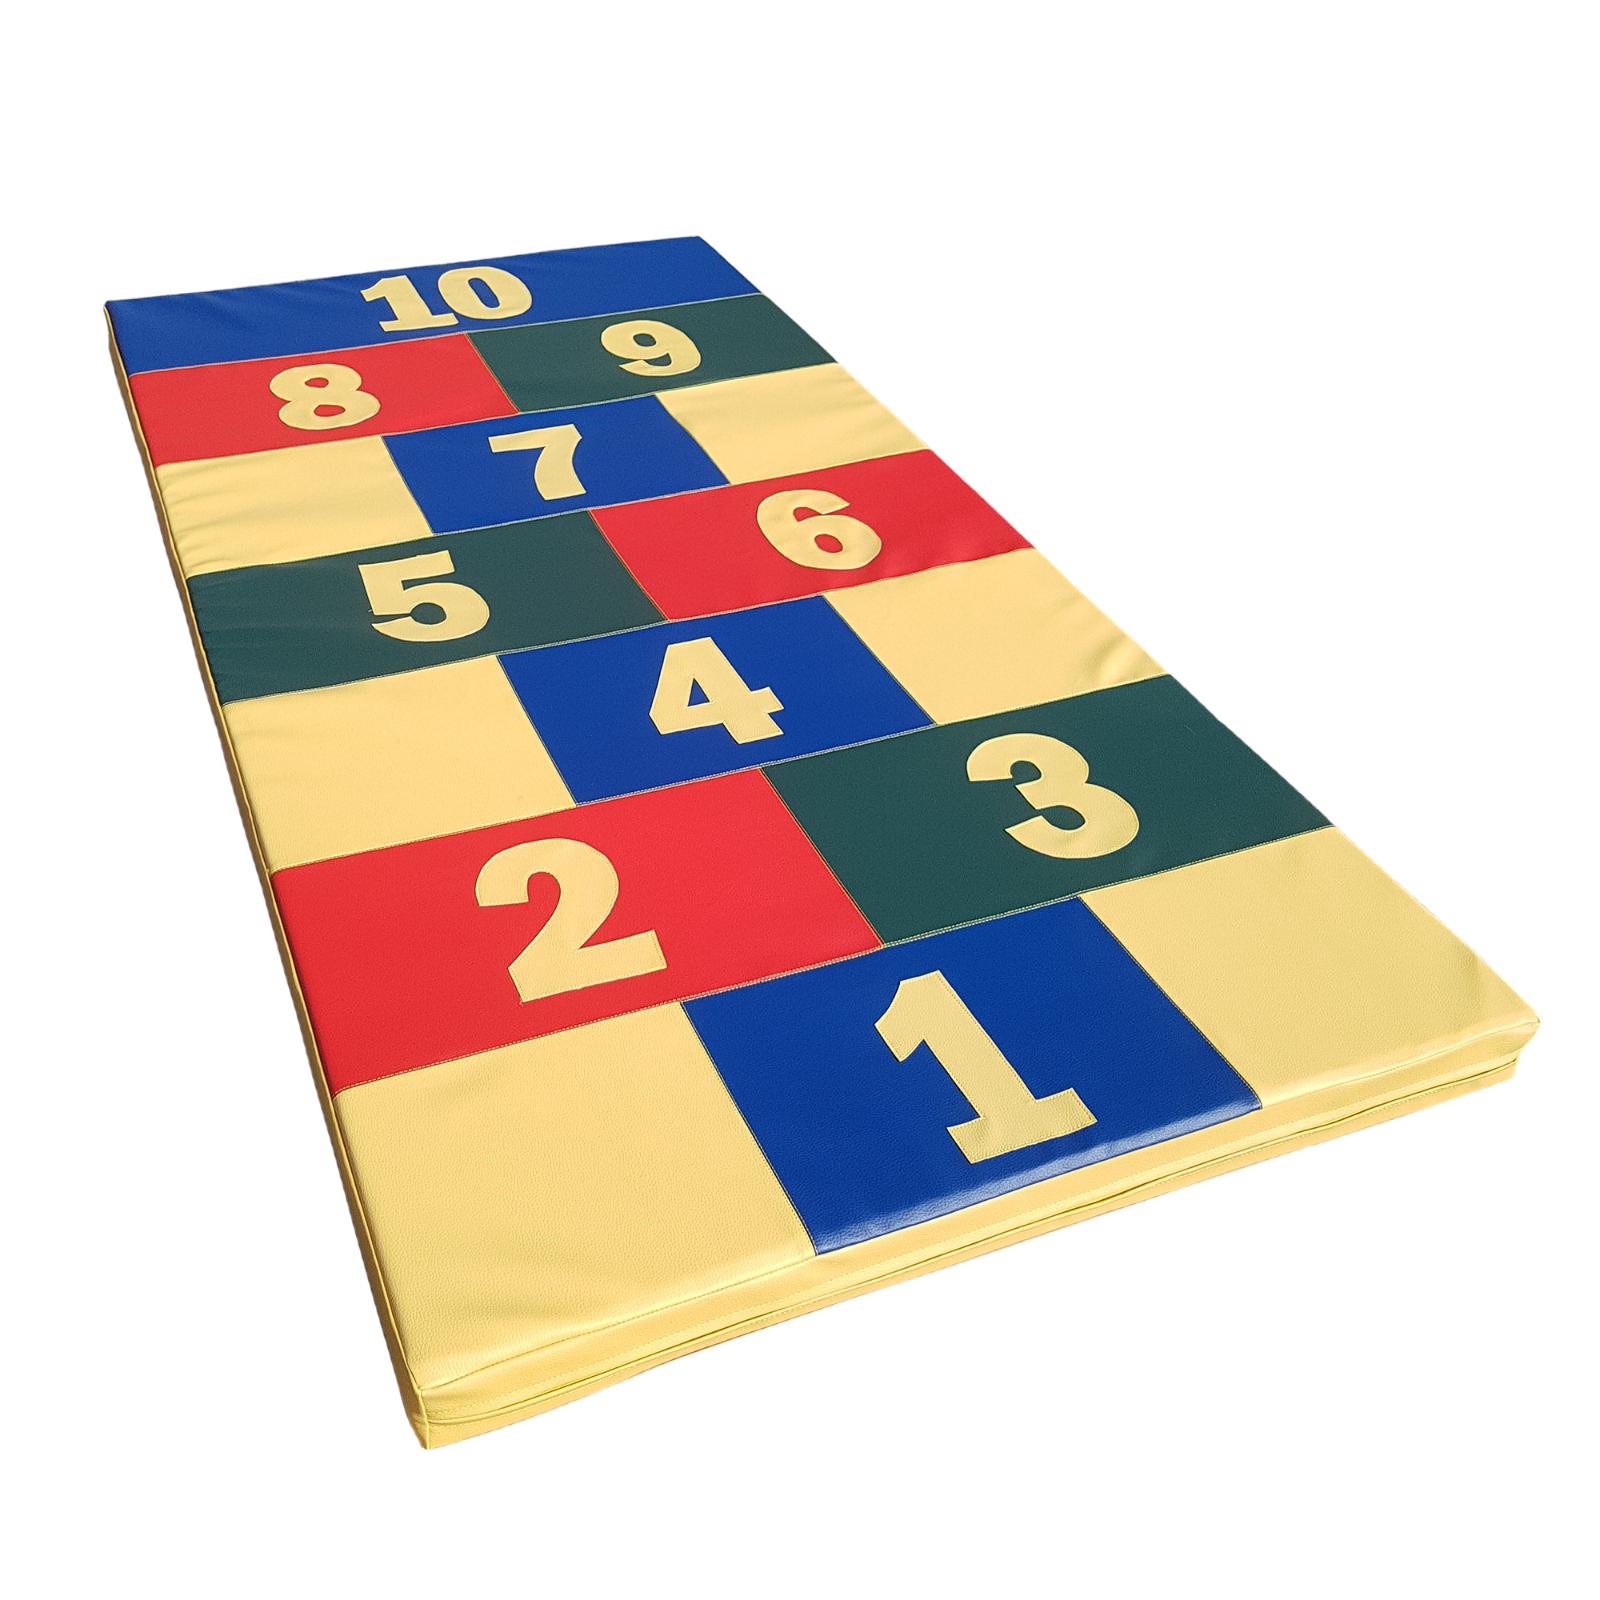 Turnmatte Spielmatte Gymnastikmatte Fitnessmatte  Hopscotch  200 x 100 x 8 cm